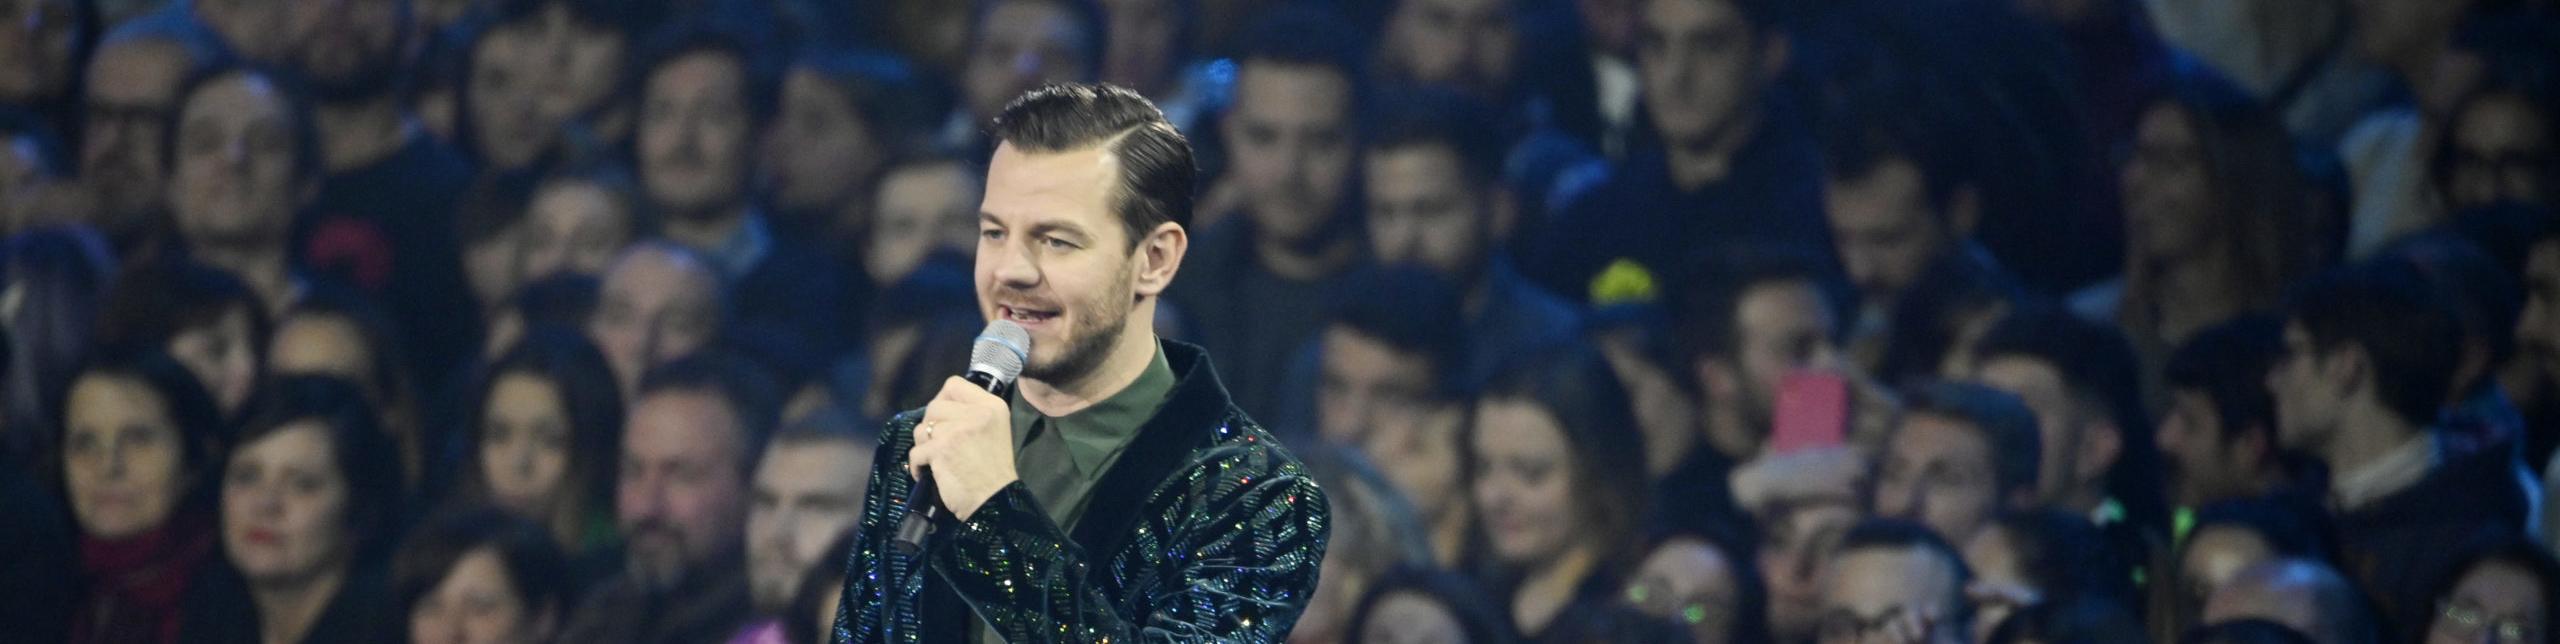 Favoriti X Factor 2020, le quote della finale: Casadilego tallona Blind, N.A.I.P. più che un outsider